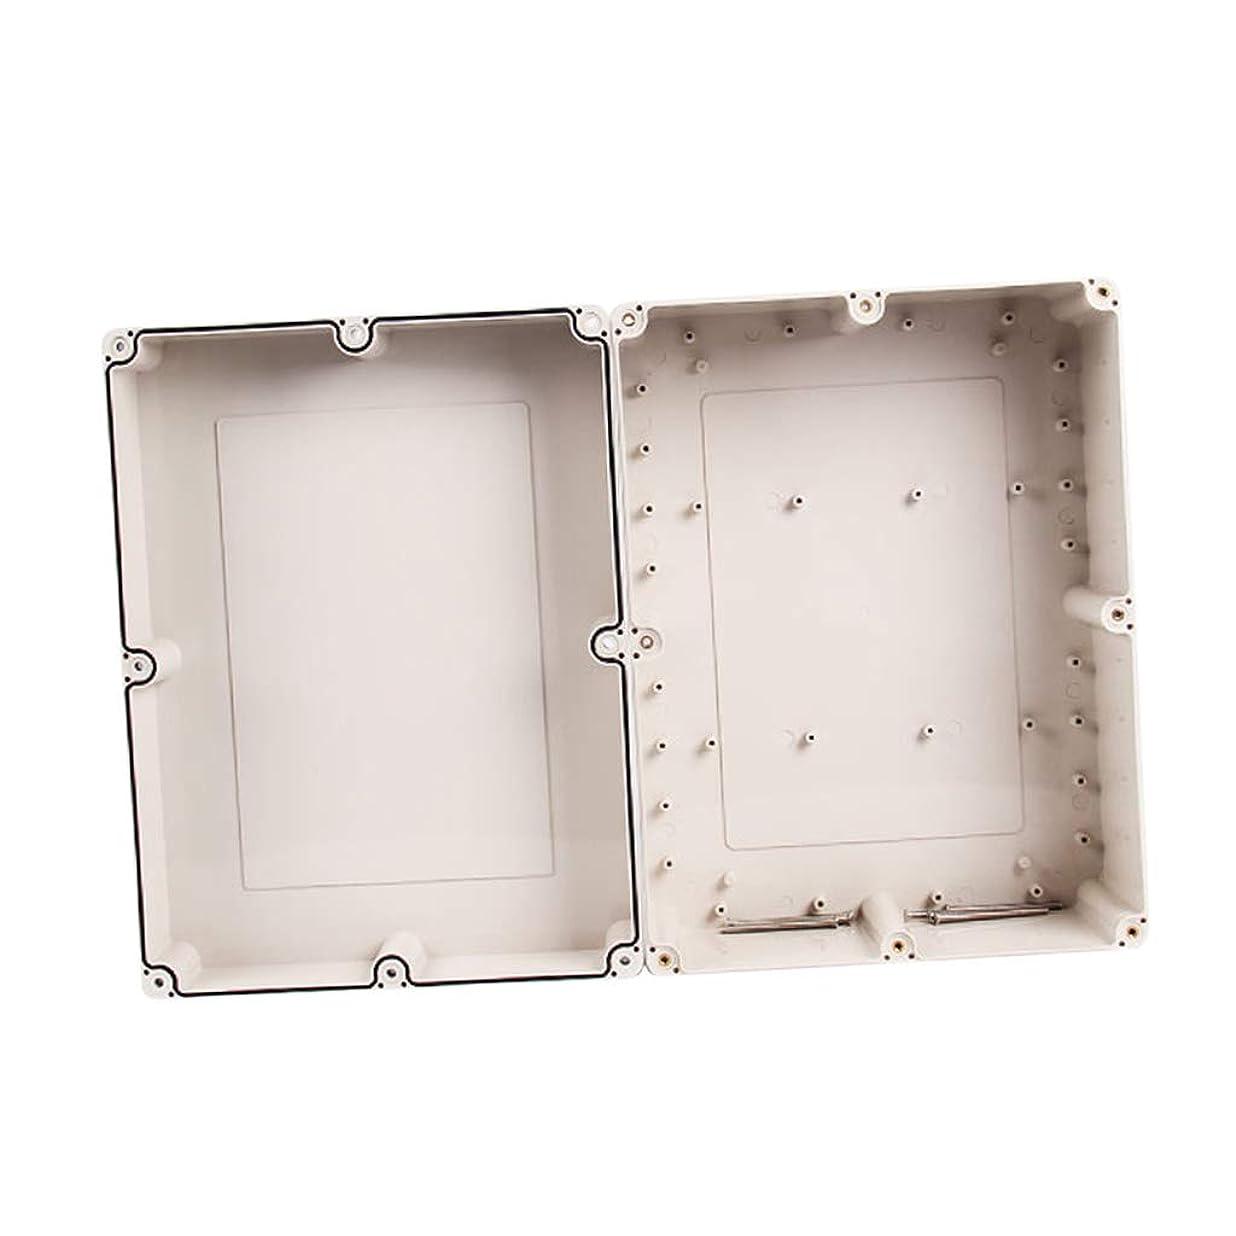 ワイン余計なおいしいB Baosity プロジェクトエンクロージャケース 電気ボックス 安全保護ケース IP65 防水